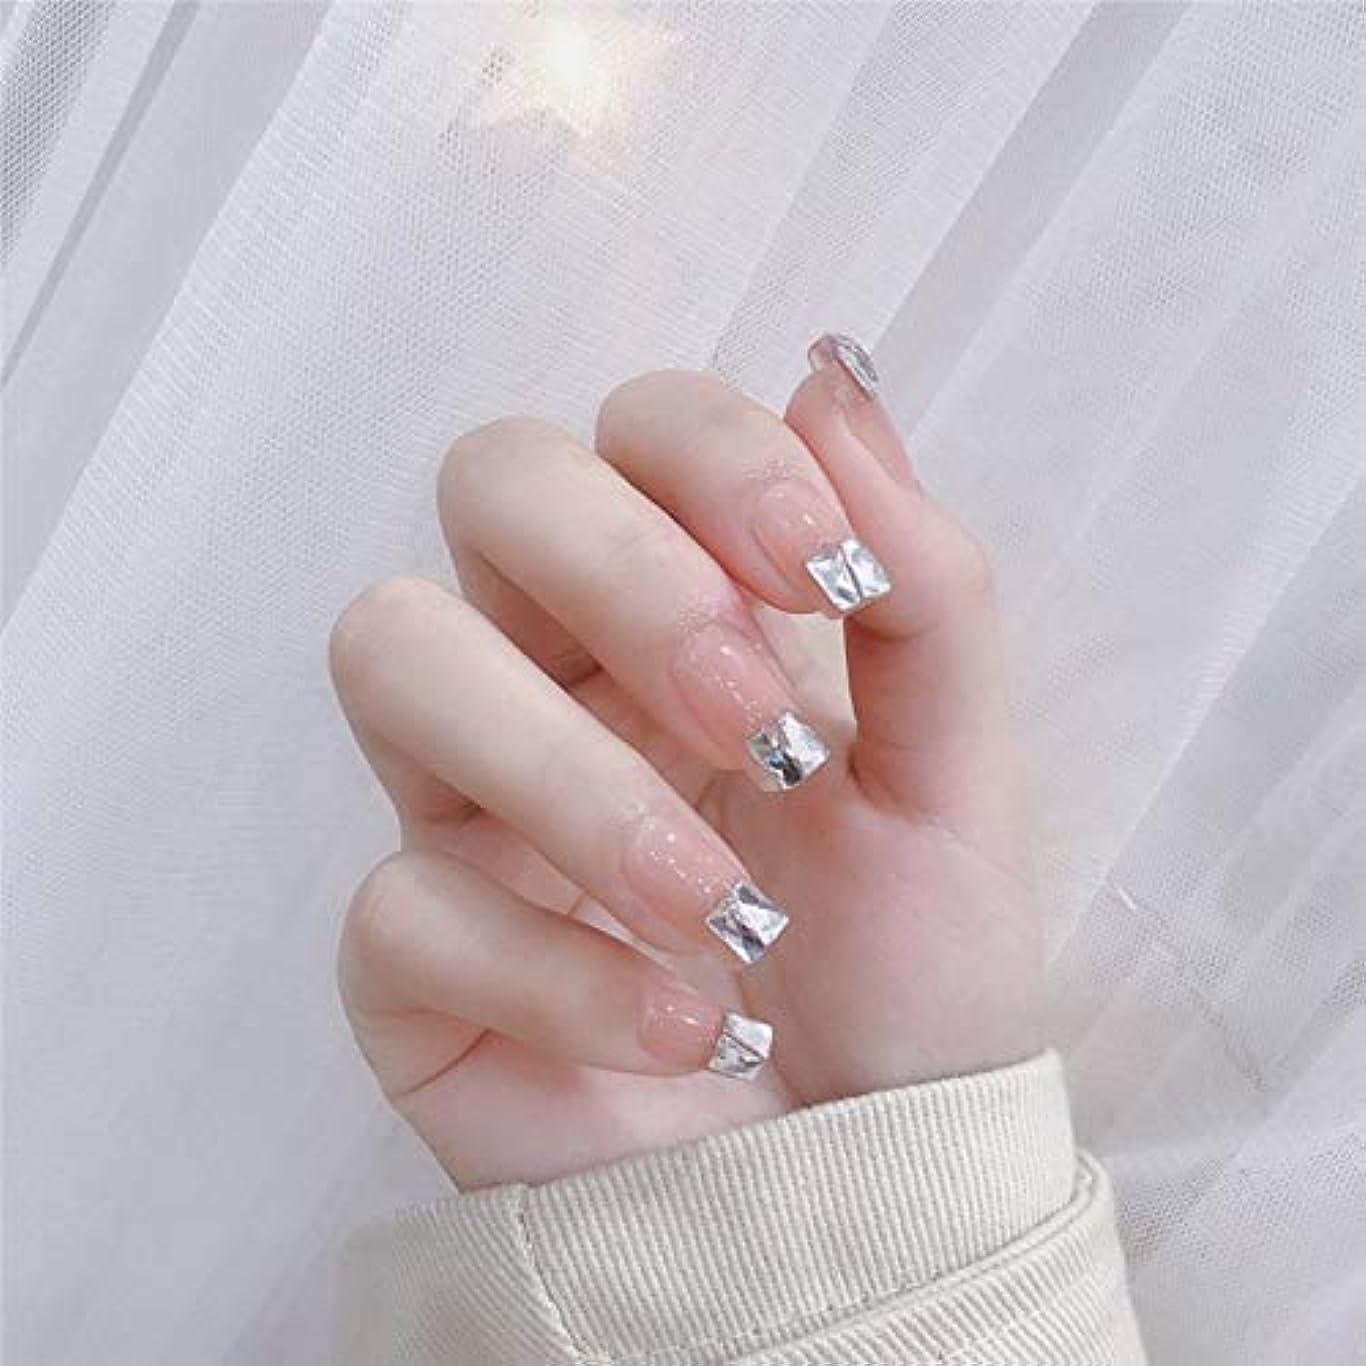 羊の服を着た狼花弁不従順流行のスタイル 台形 きらめくダイヤモンド 桜の色 手作りネイルチップ 3Dネイルチップ 24枚入